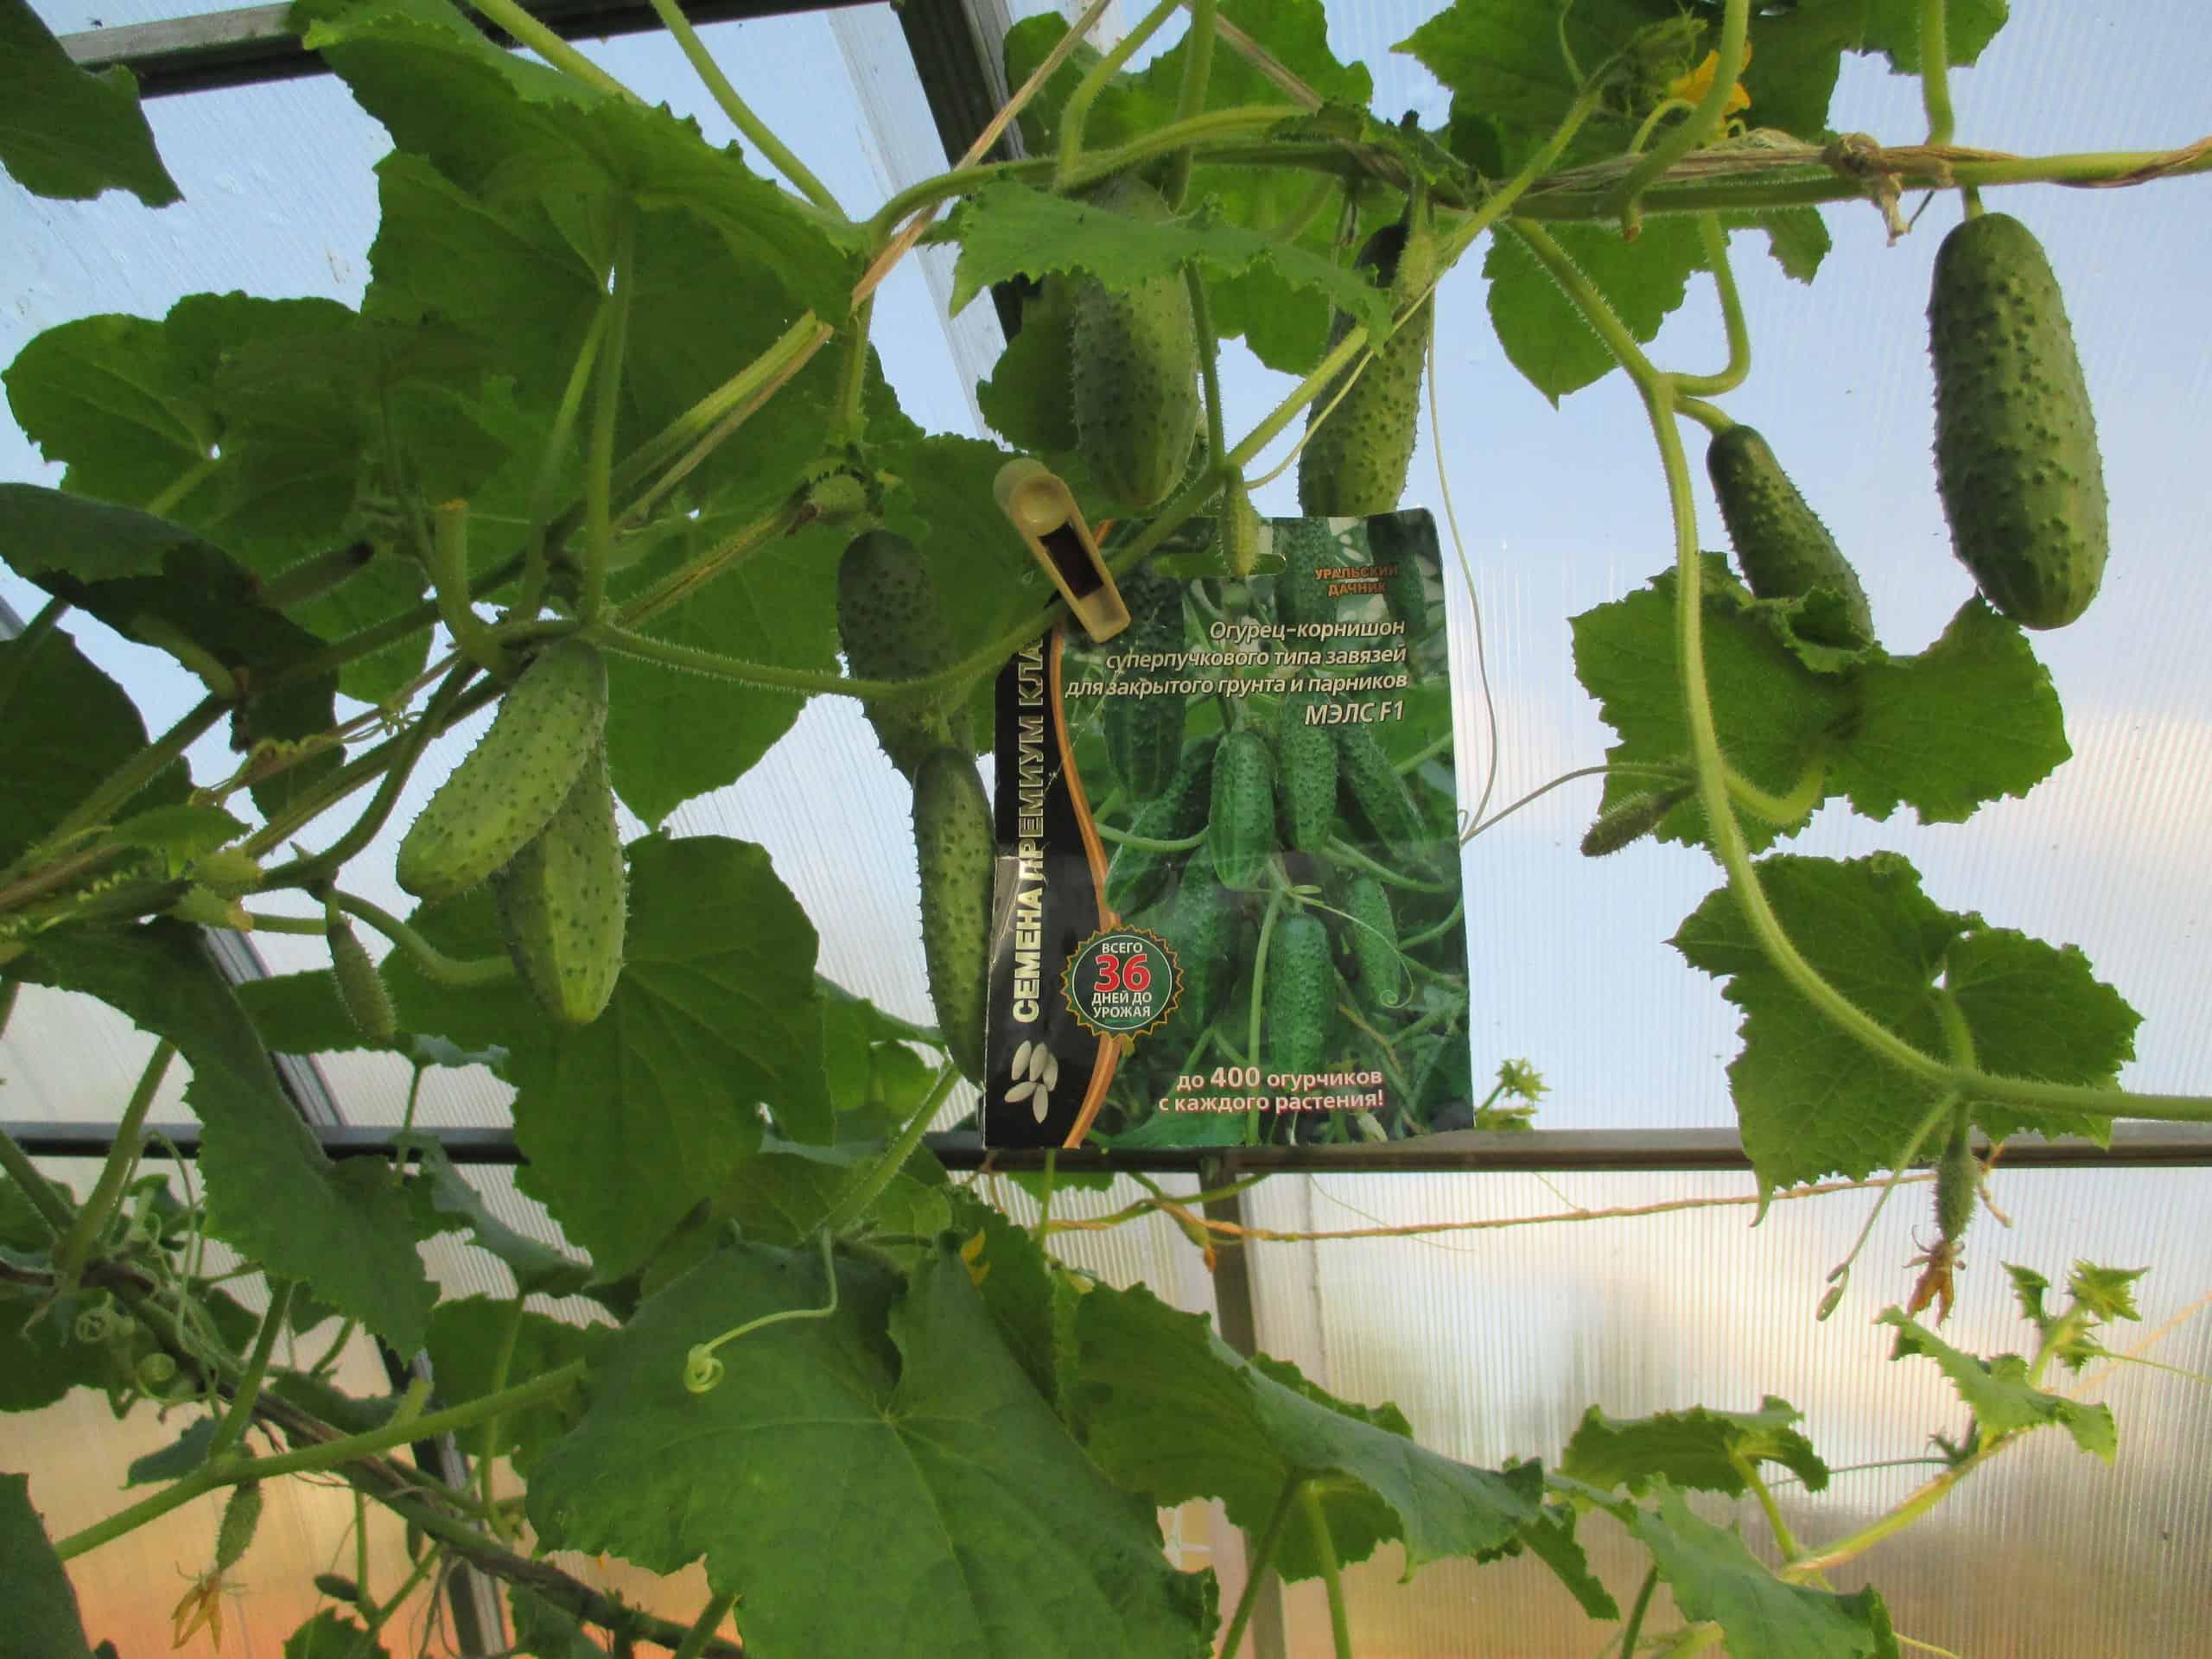 Думаете, огурцов много не бывает? тогда вы не выращивали суперпучковые гибриды - огород, сад, балкон - медиаплатформа миртесен